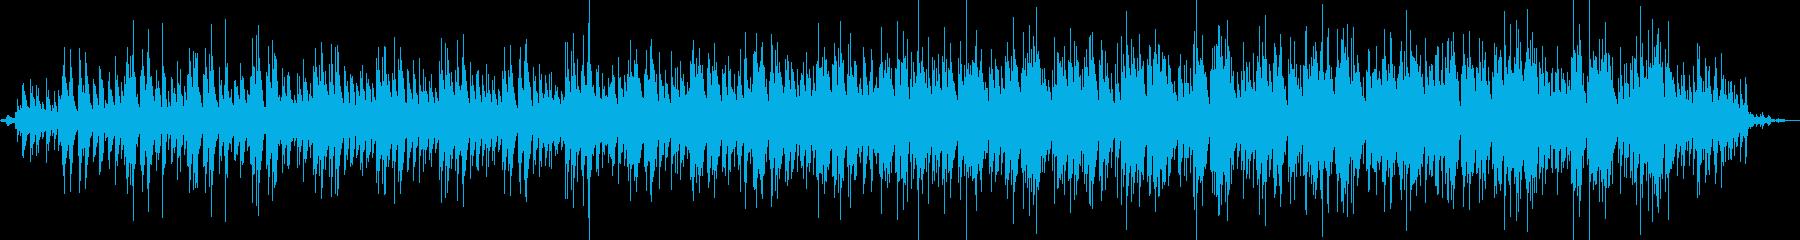 ピースフルなクラシックギターアンビエントの再生済みの波形